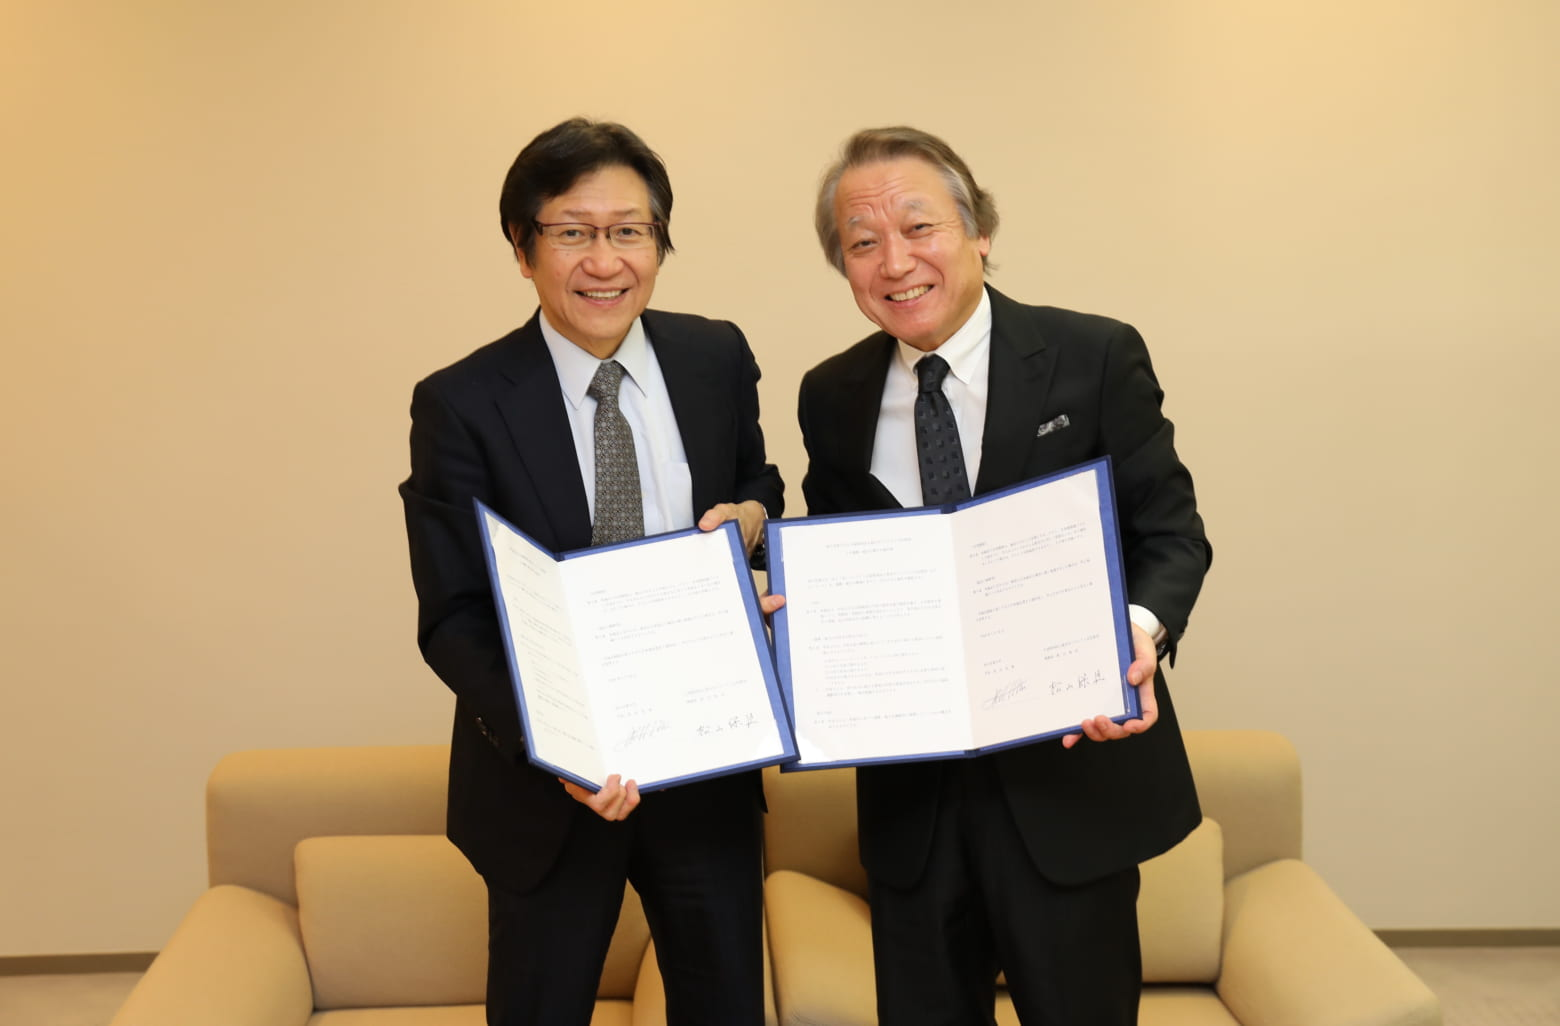 東京オペラシティ文化財団 理事長:松山 保臣氏(左)、国立音楽大学 学長:武田 忠善氏(右)